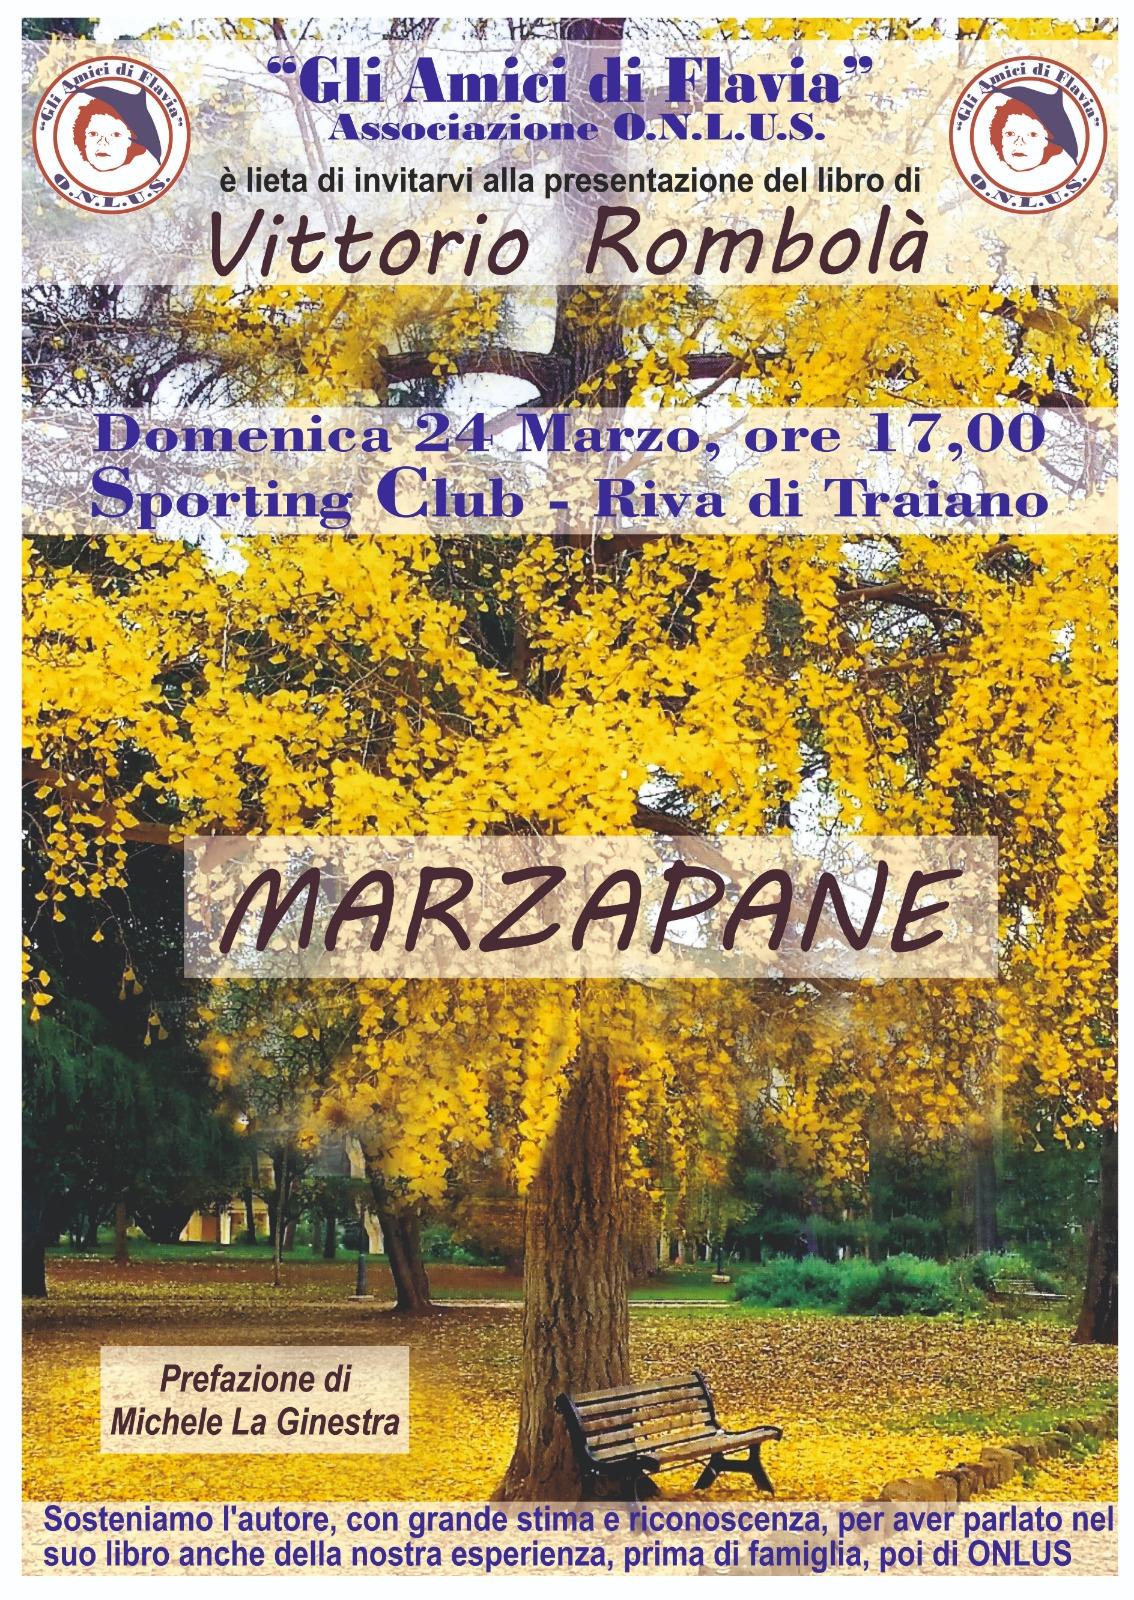 """Amici di Flavia onlus sostengono """"Marzapane"""", il libro di Vittorio Rombolà."""